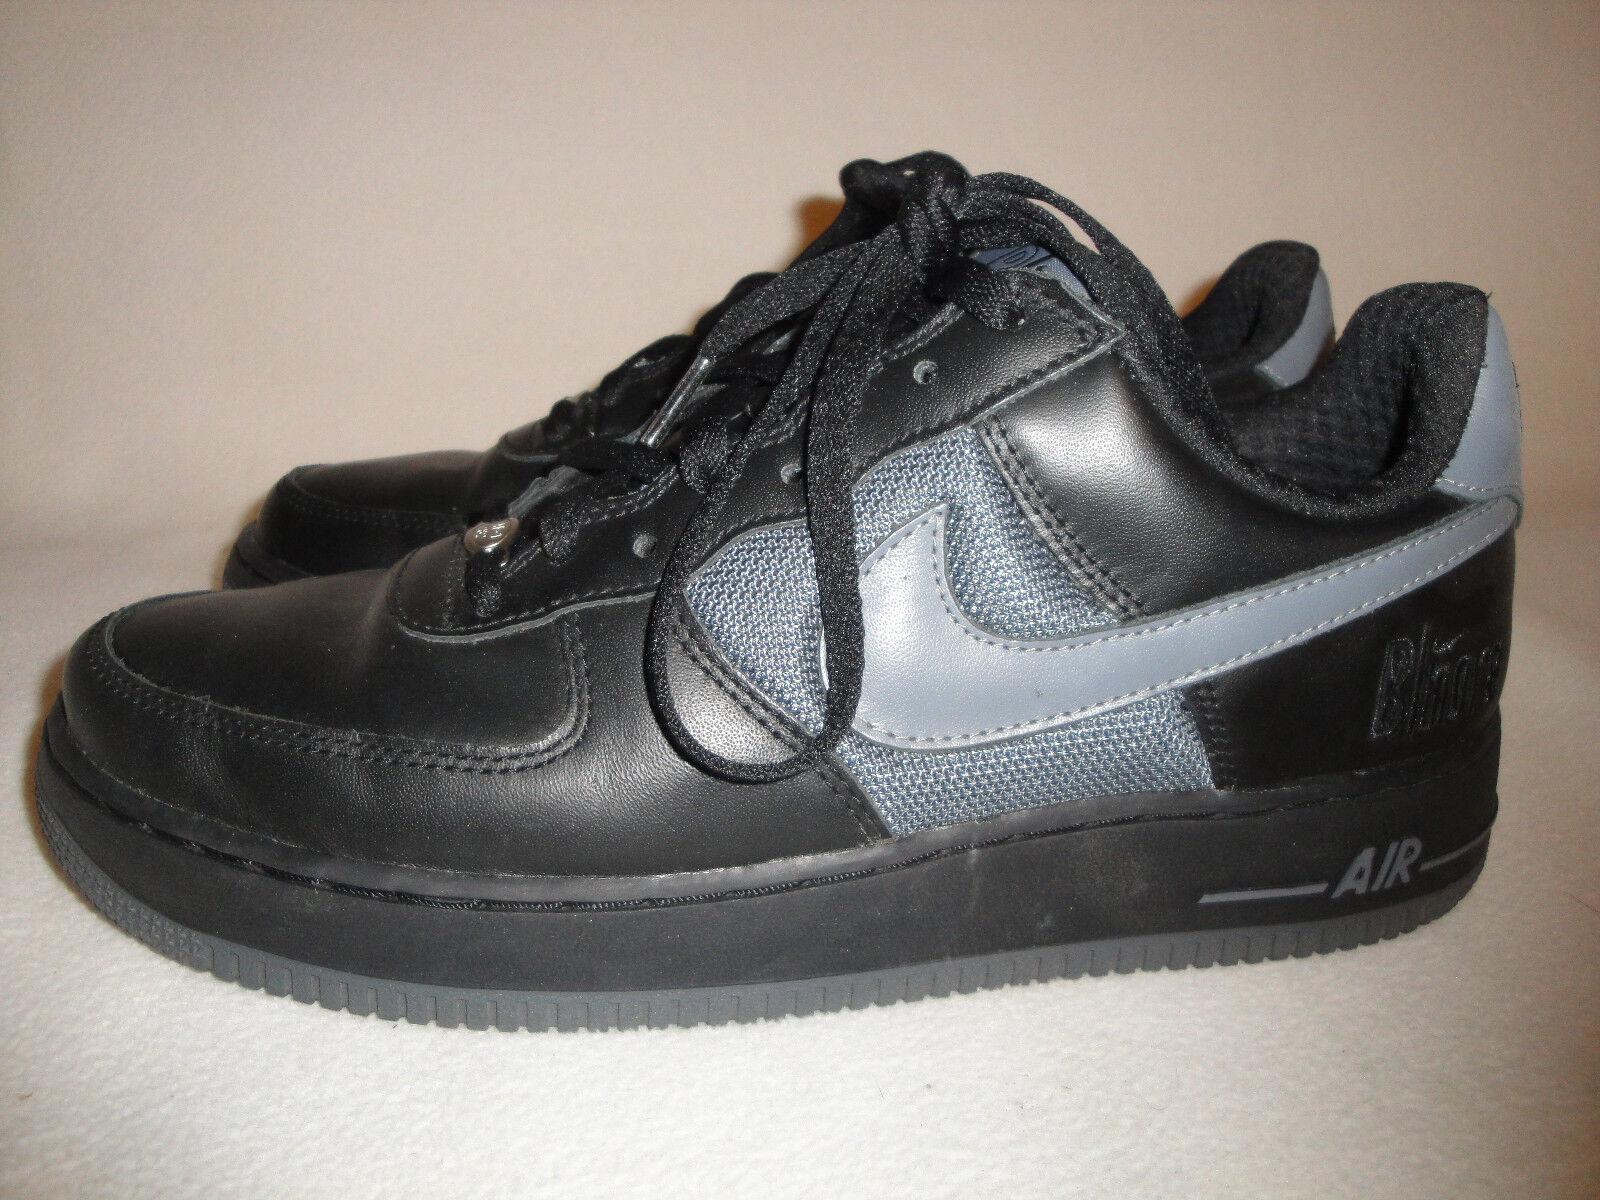 Nike air 10 force 1 premio bassa dimensione 10 air stile 3b8c5d